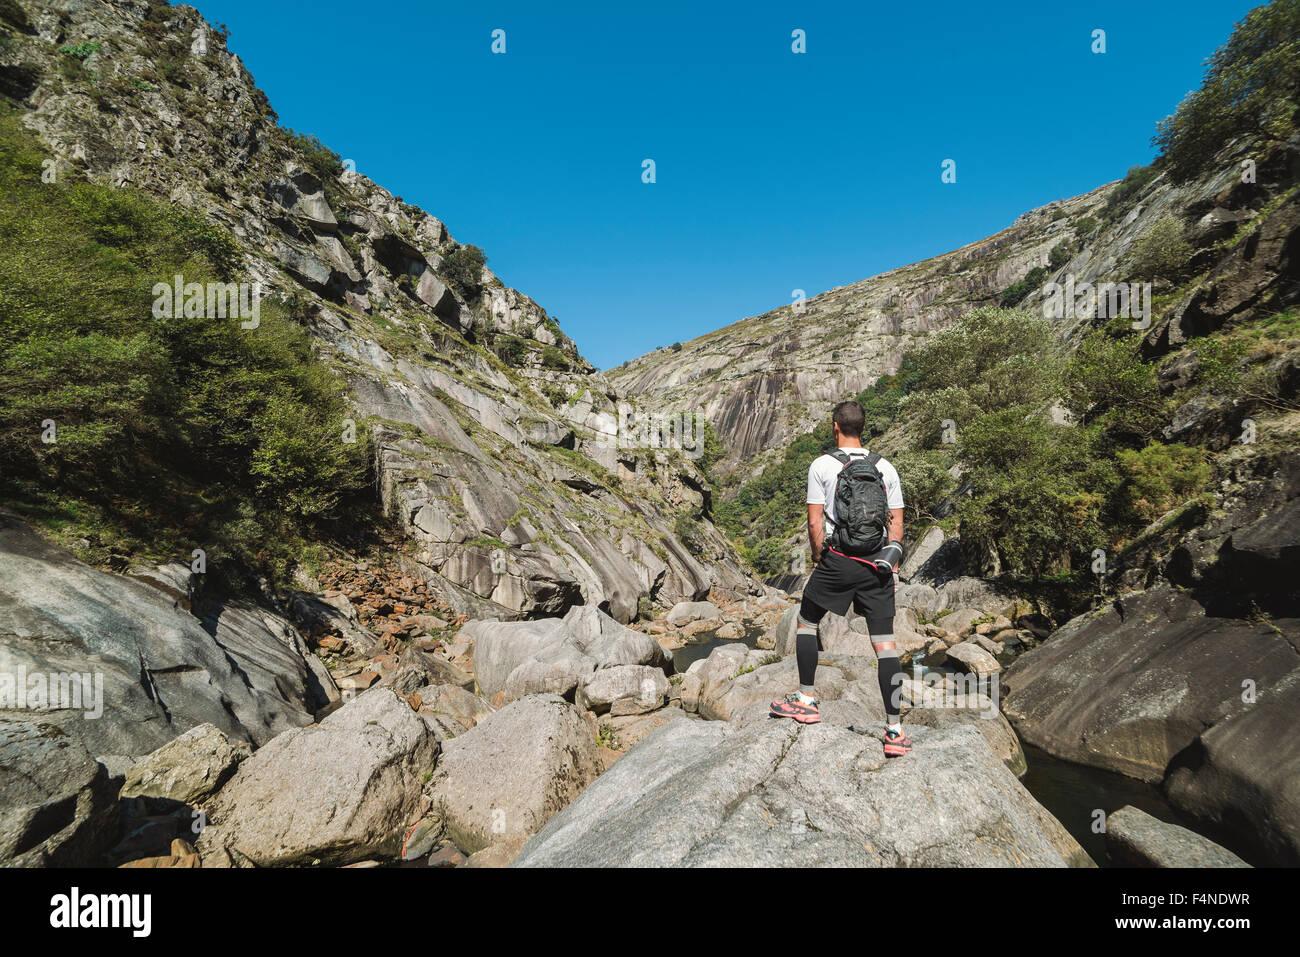 Spagna Galizia, un Capela, Ultra trail runner presso il canyon del fiume Eume Immagini Stock